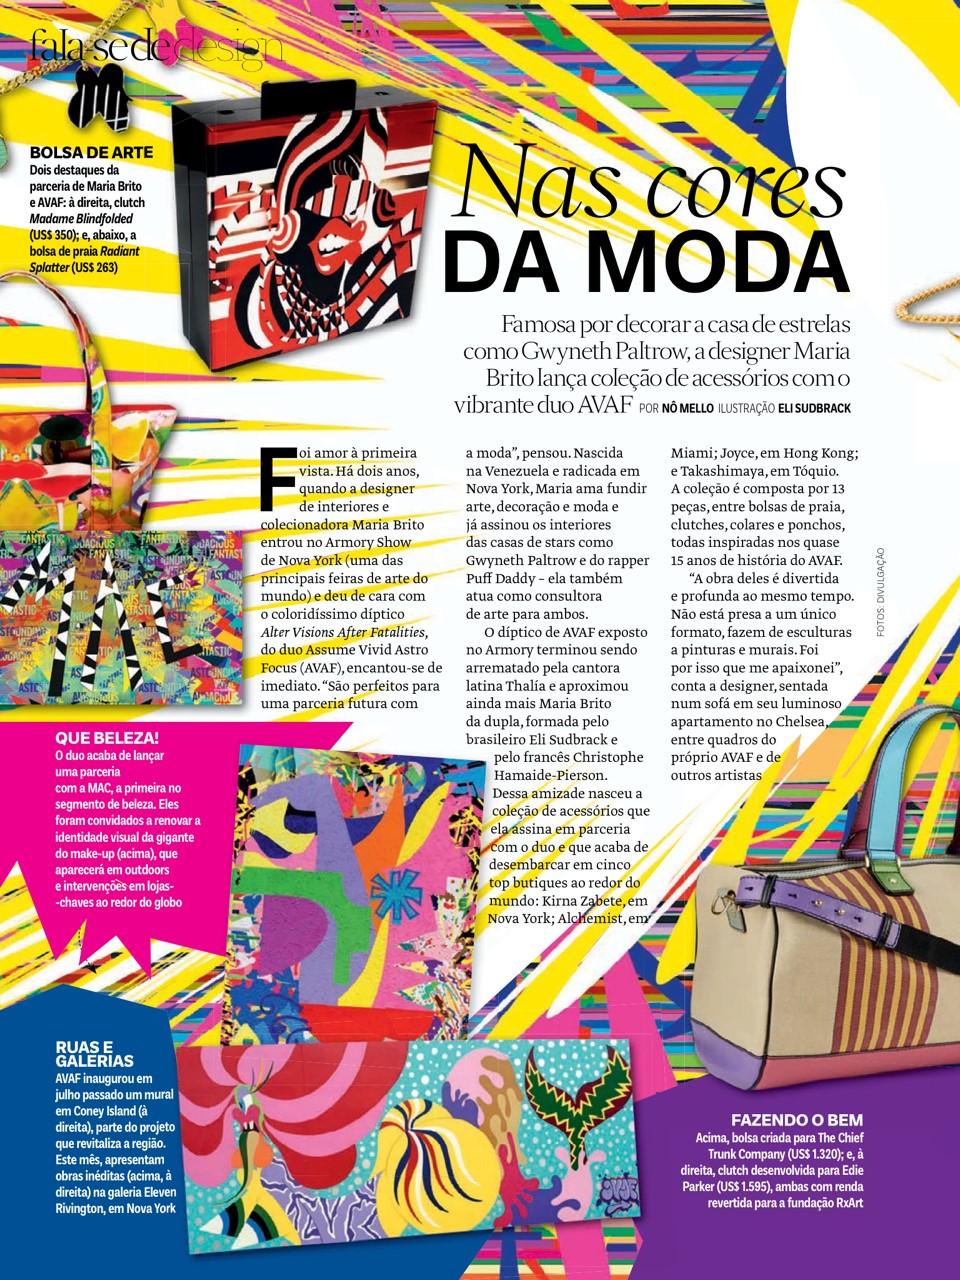 Vogue-Brasil-AVAF1.jpg